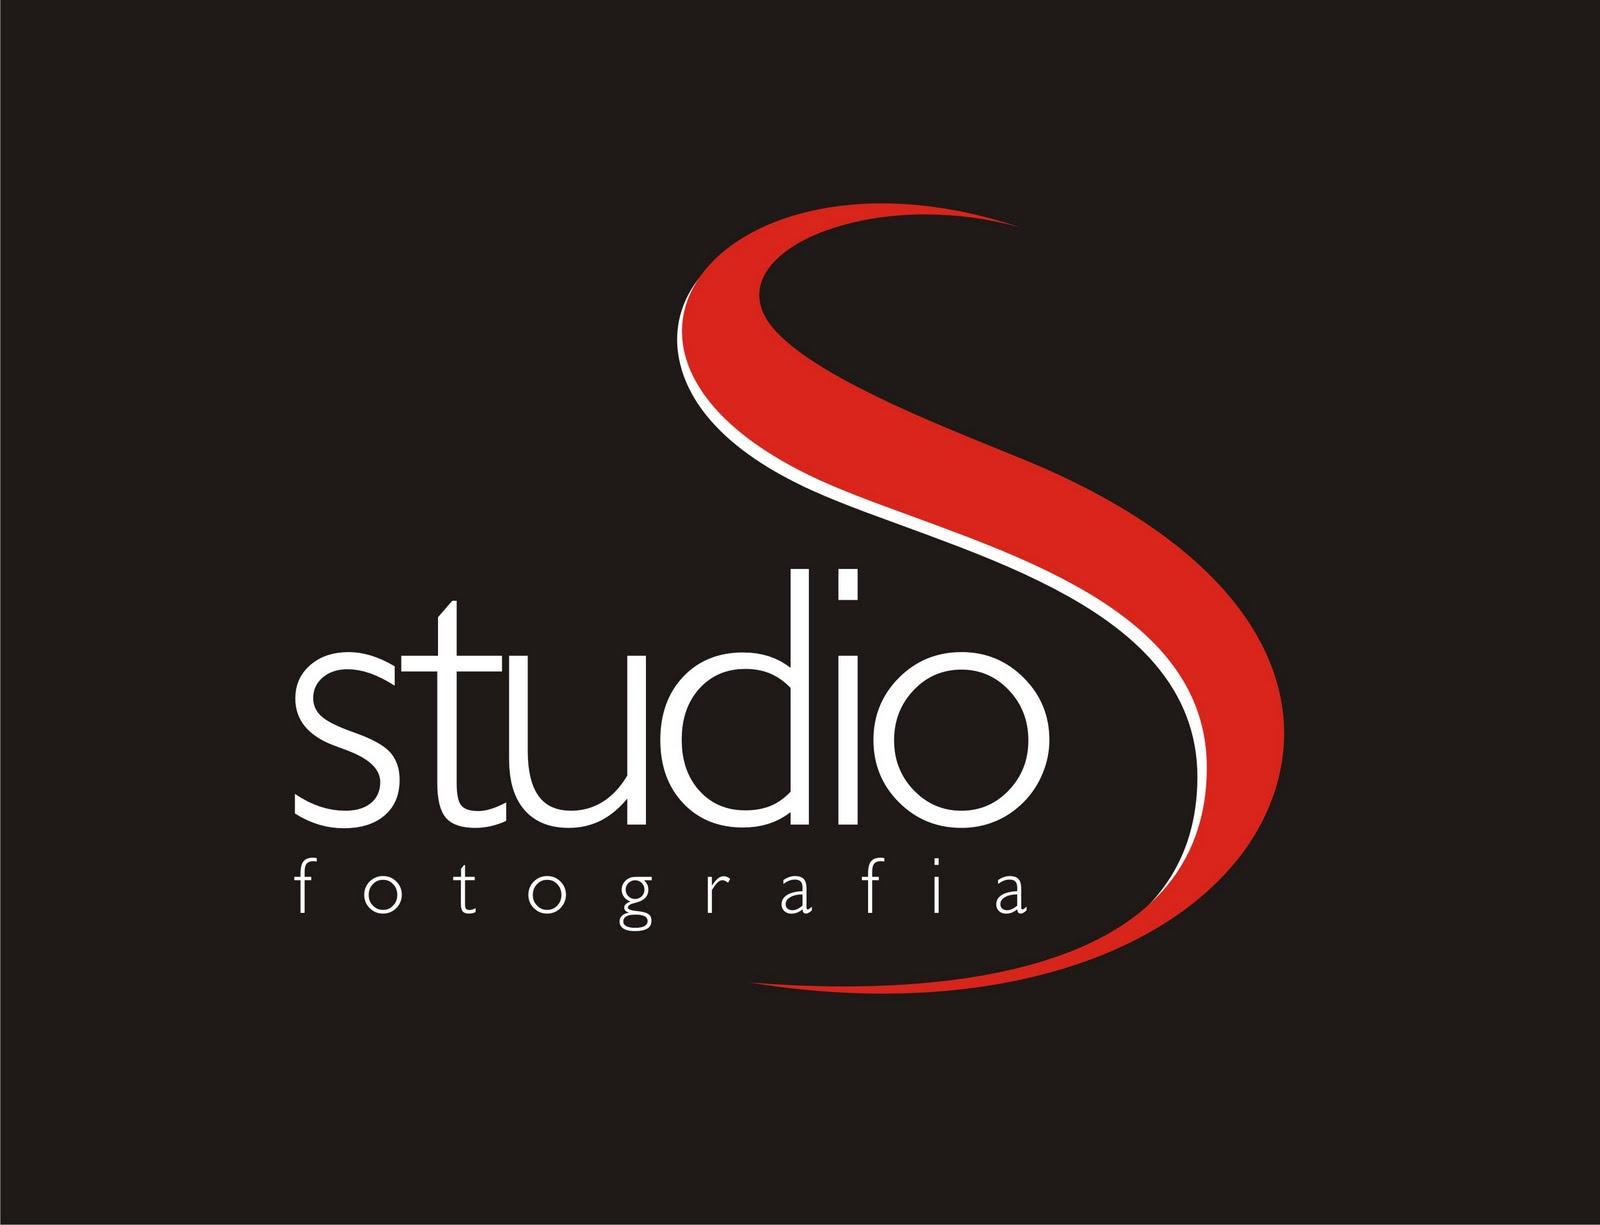 XTUDIO Logo photo - 1